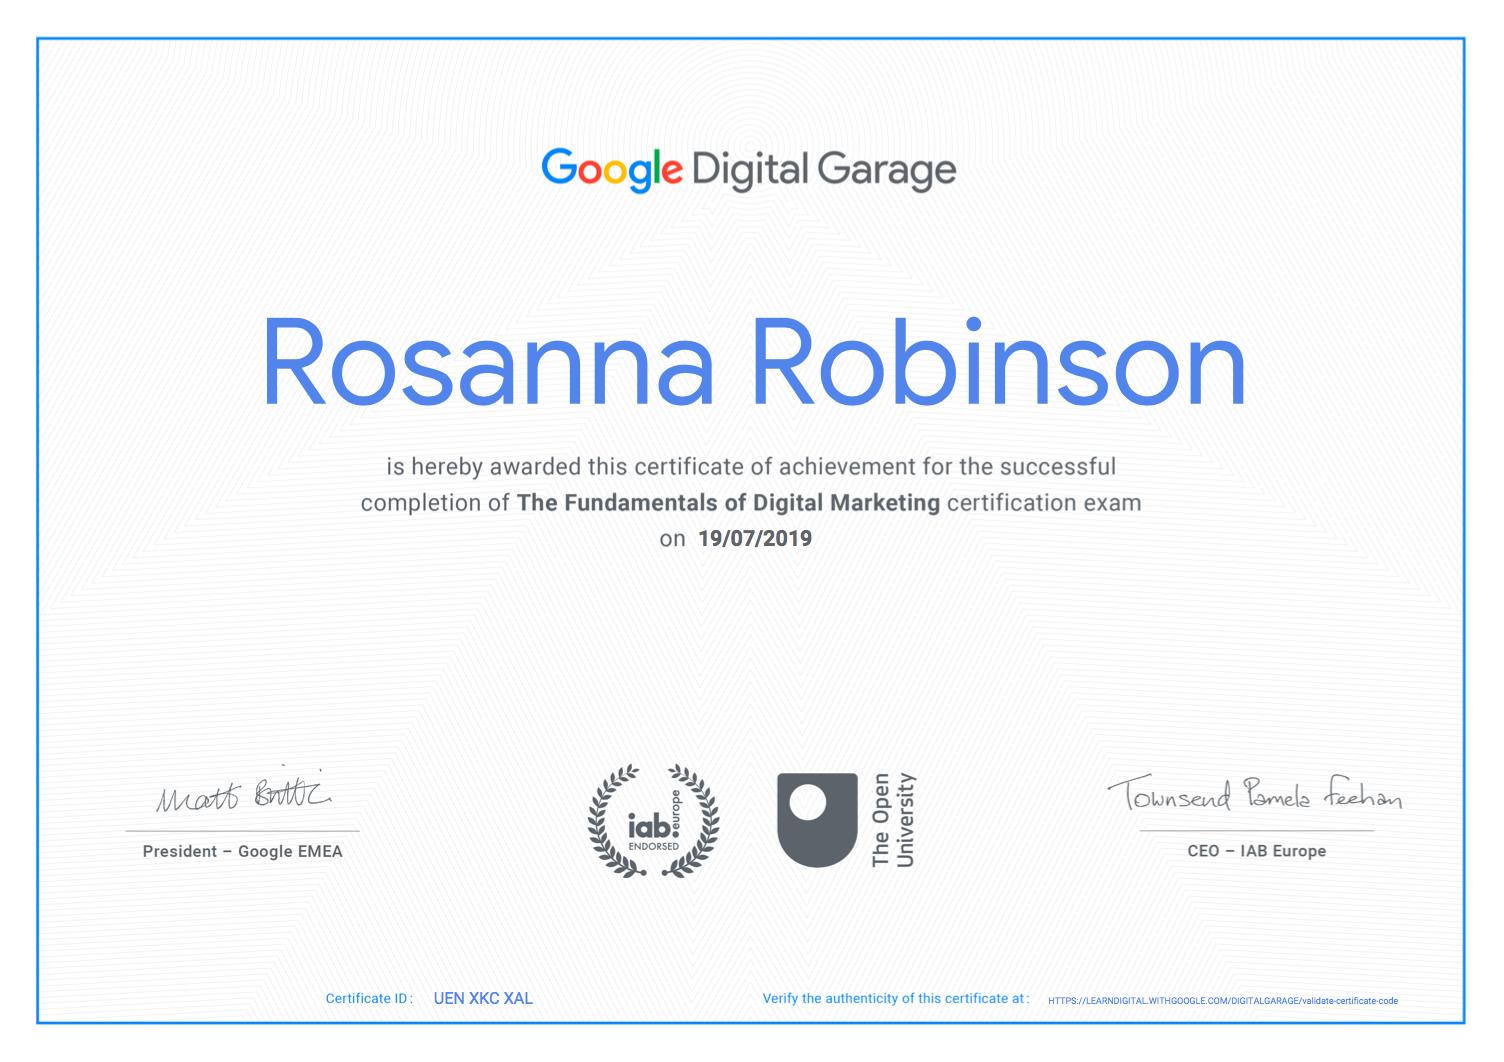 Rosie Robinson Digital Garage